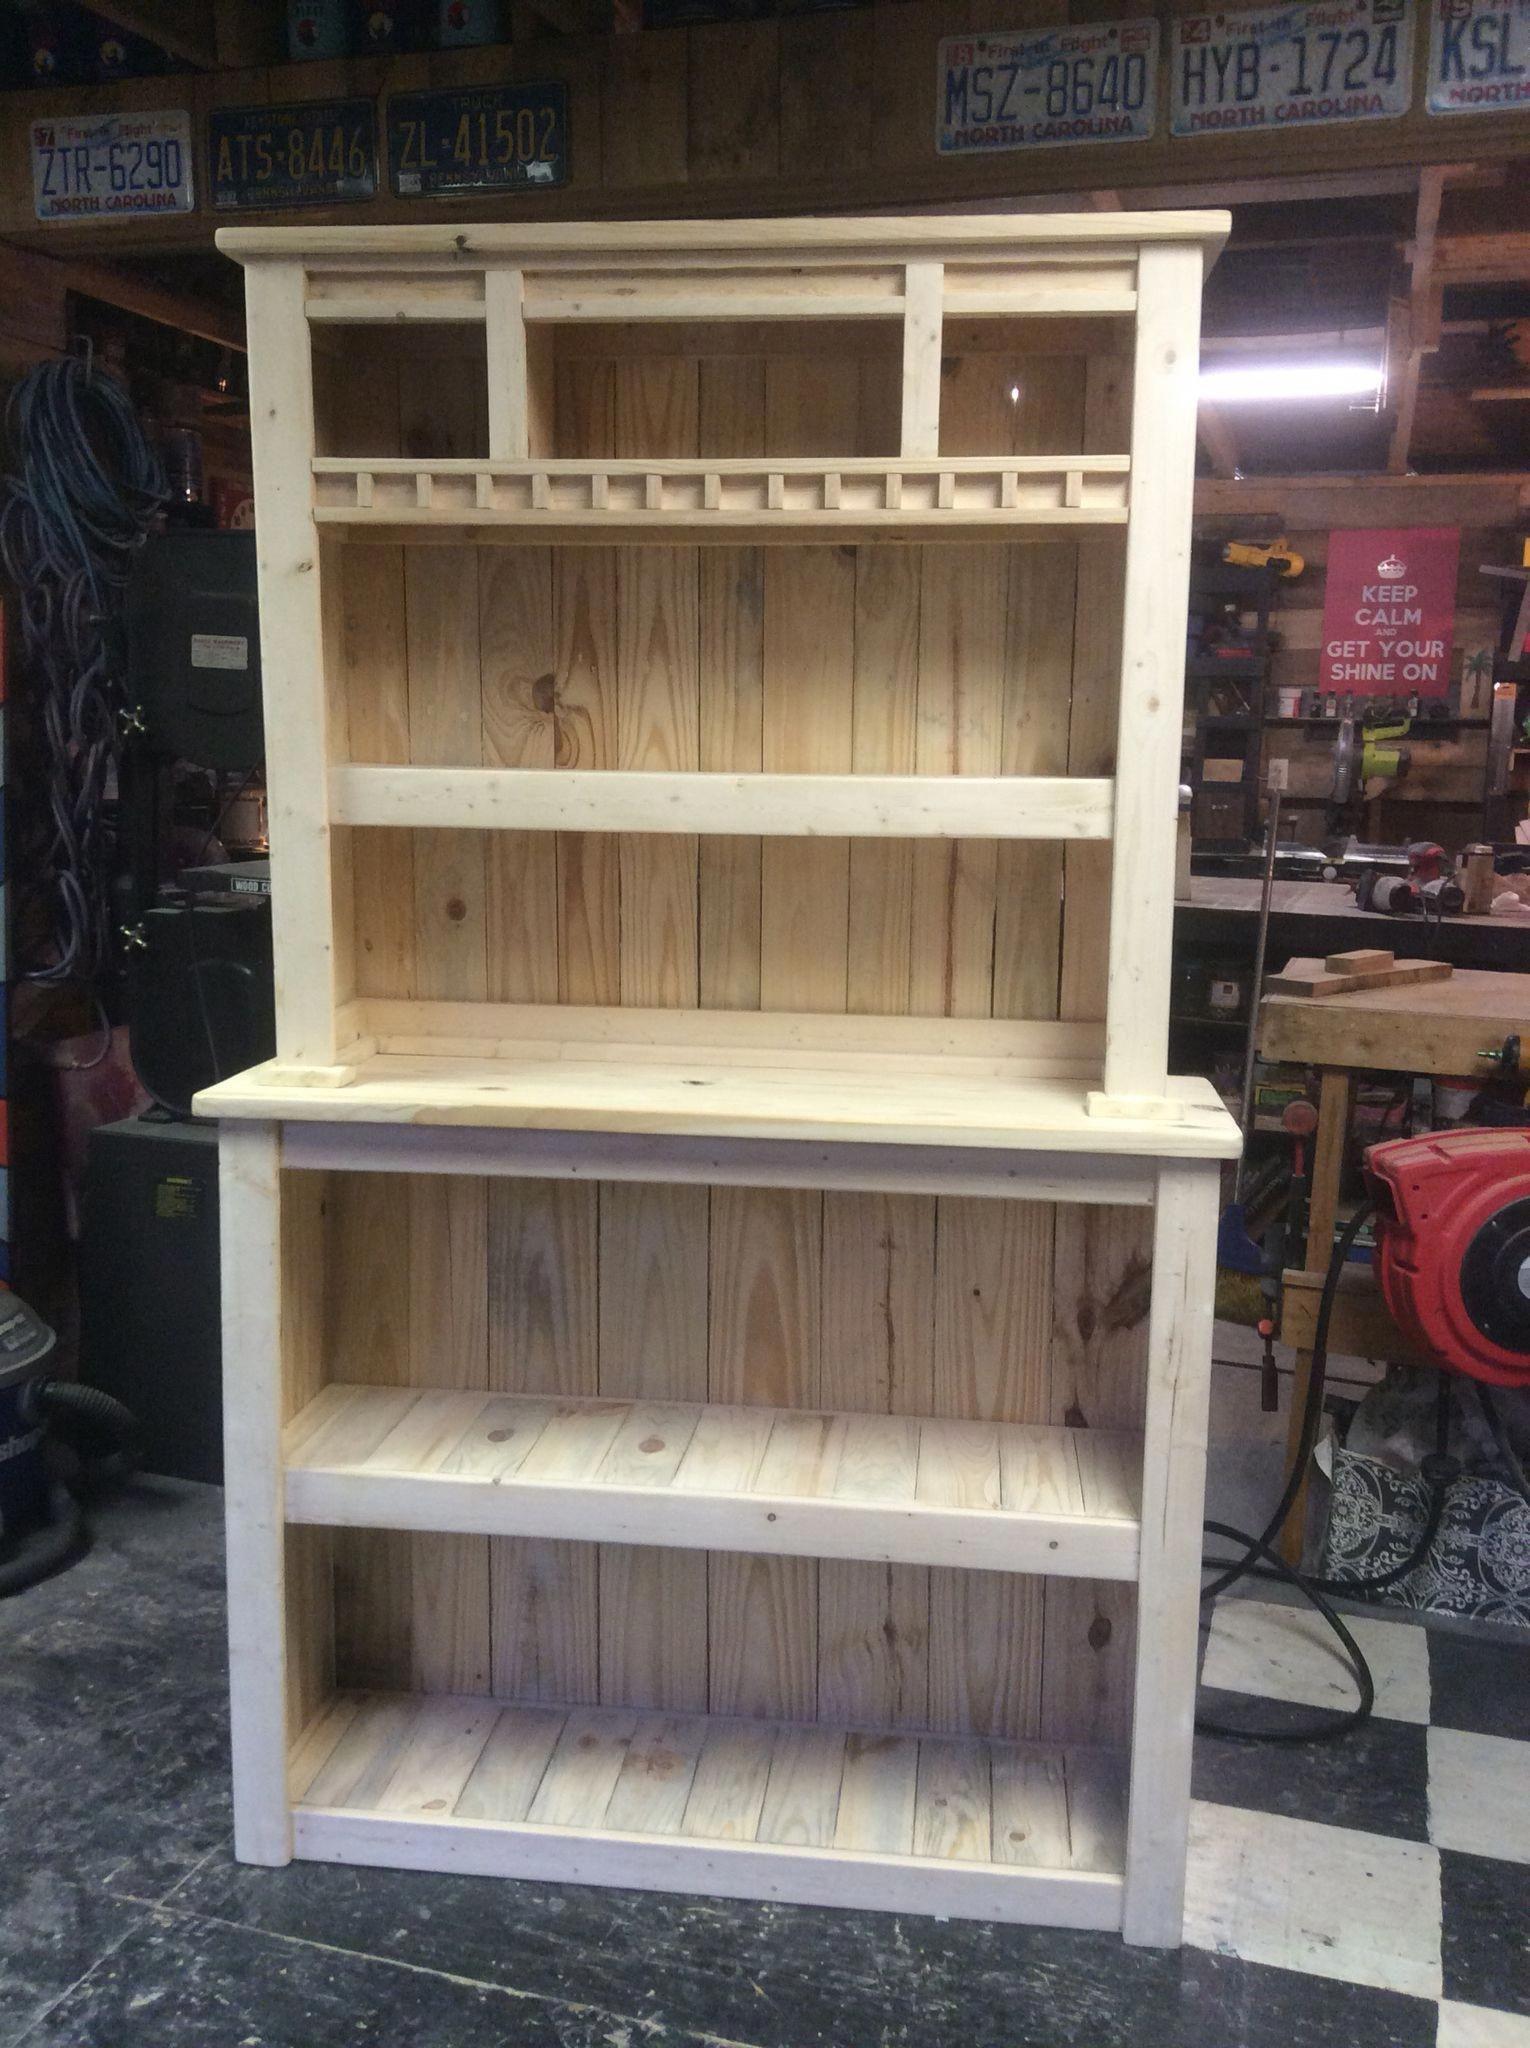 Pallet Wood Shelves Pallet Caps Pallet Lawn Furniture Plans